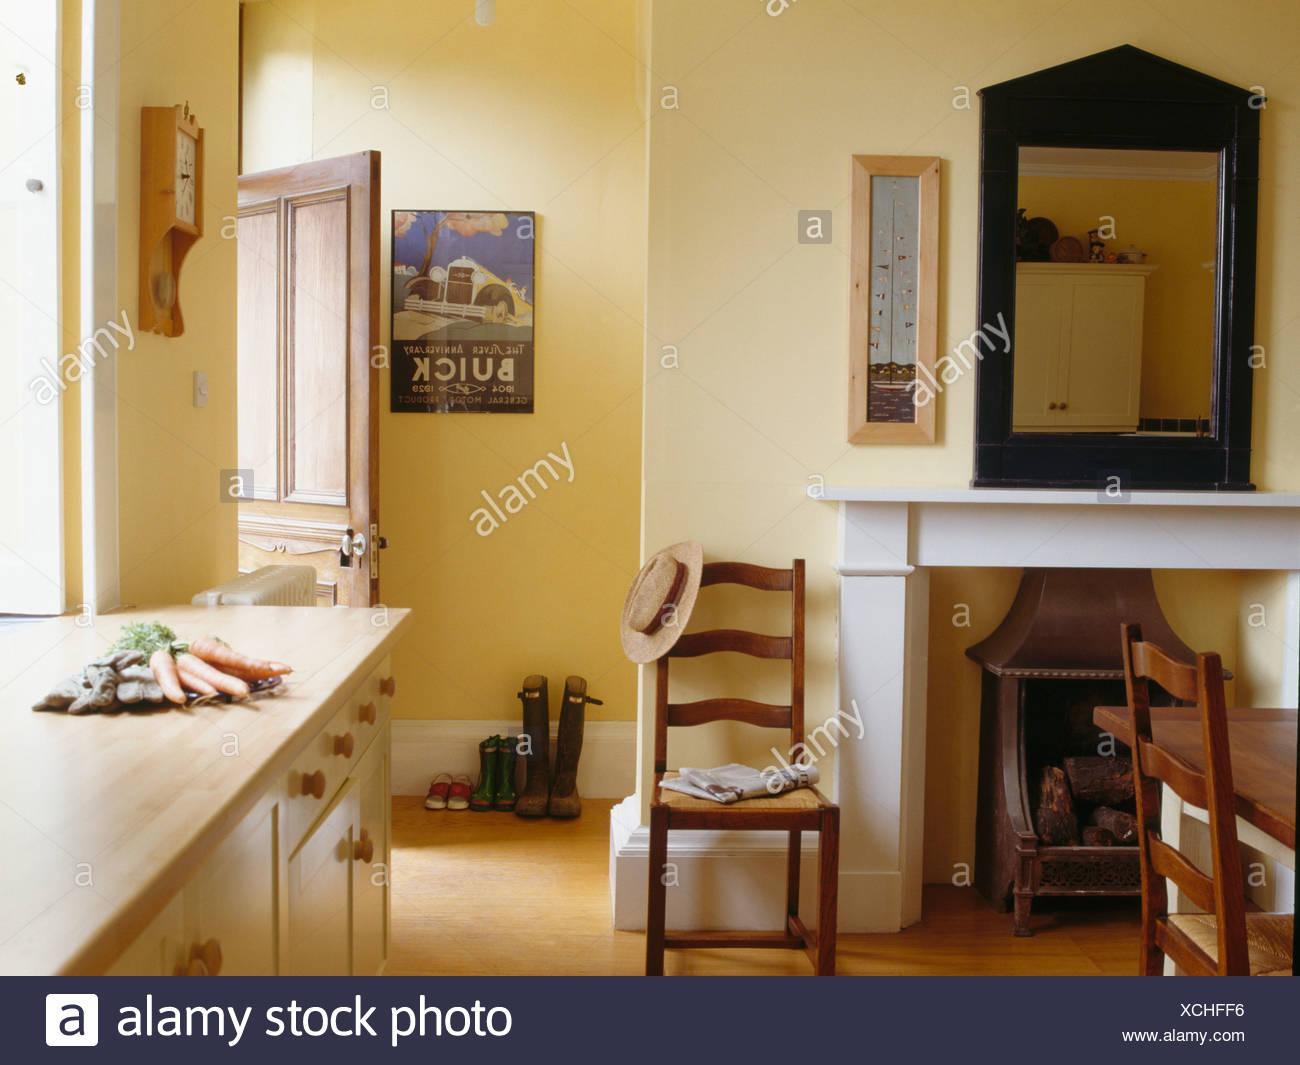 meubles anciens en miroir au dessus de chemin e dans petit. Black Bedroom Furniture Sets. Home Design Ideas